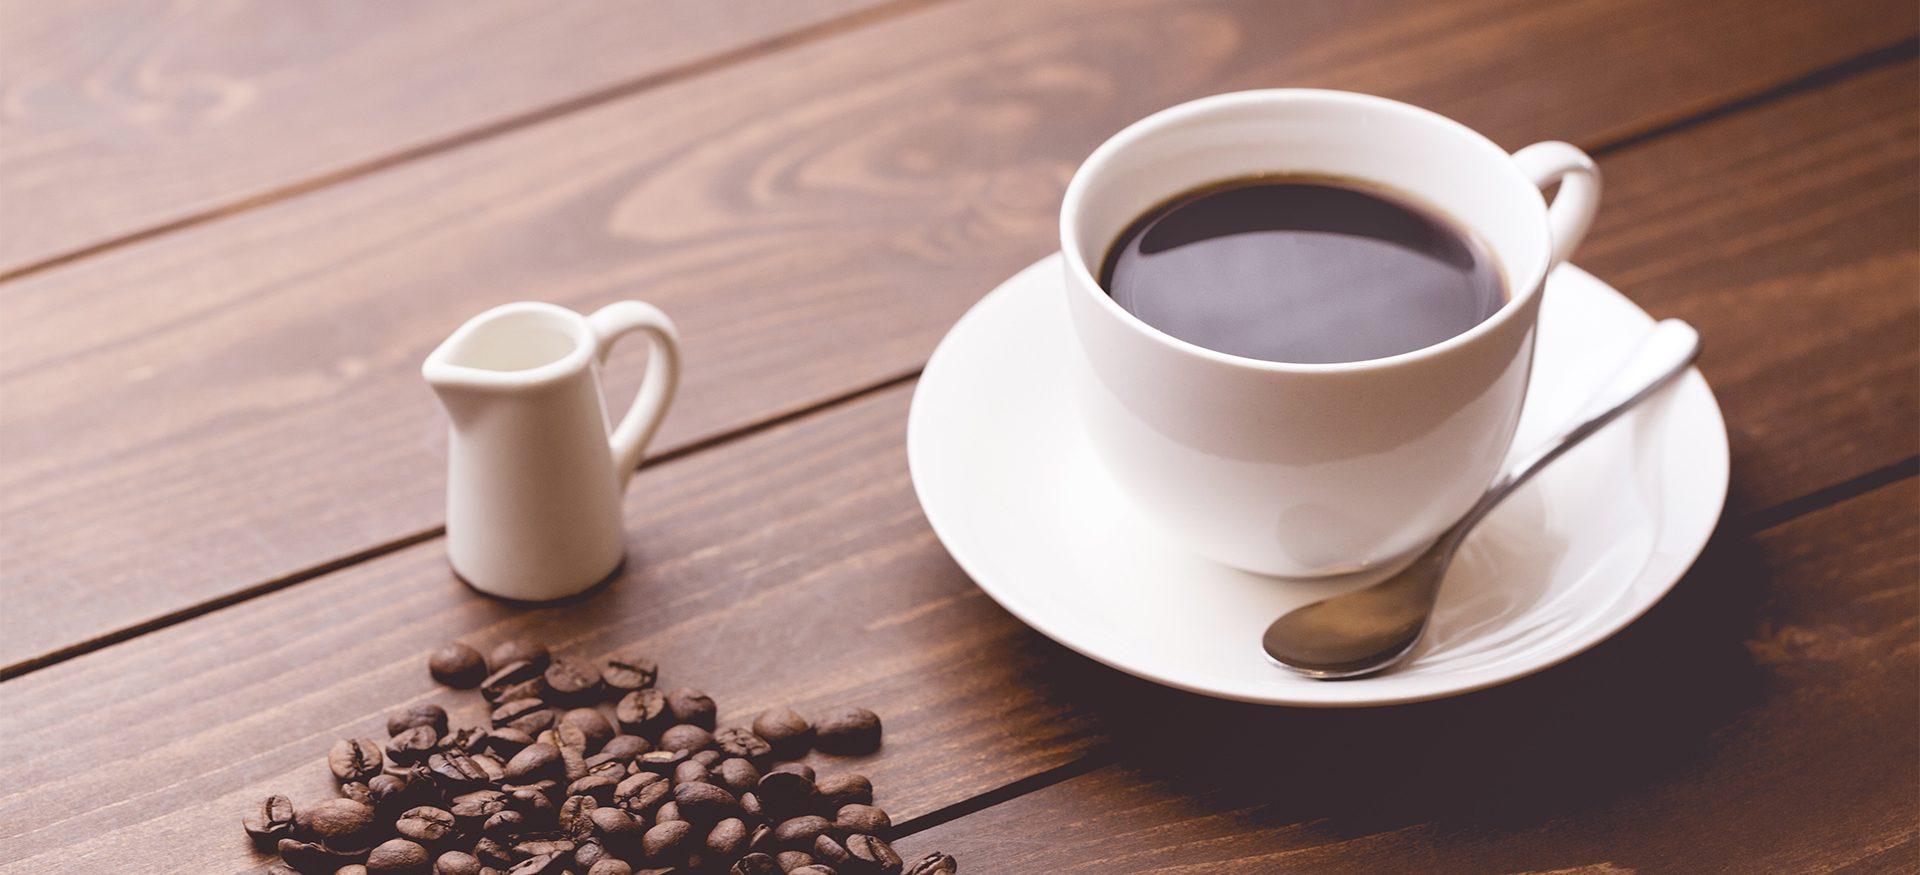 銀座の喫茶店 310 coffee サトウ コーヒー 銀座の路地裏 隠れ家的